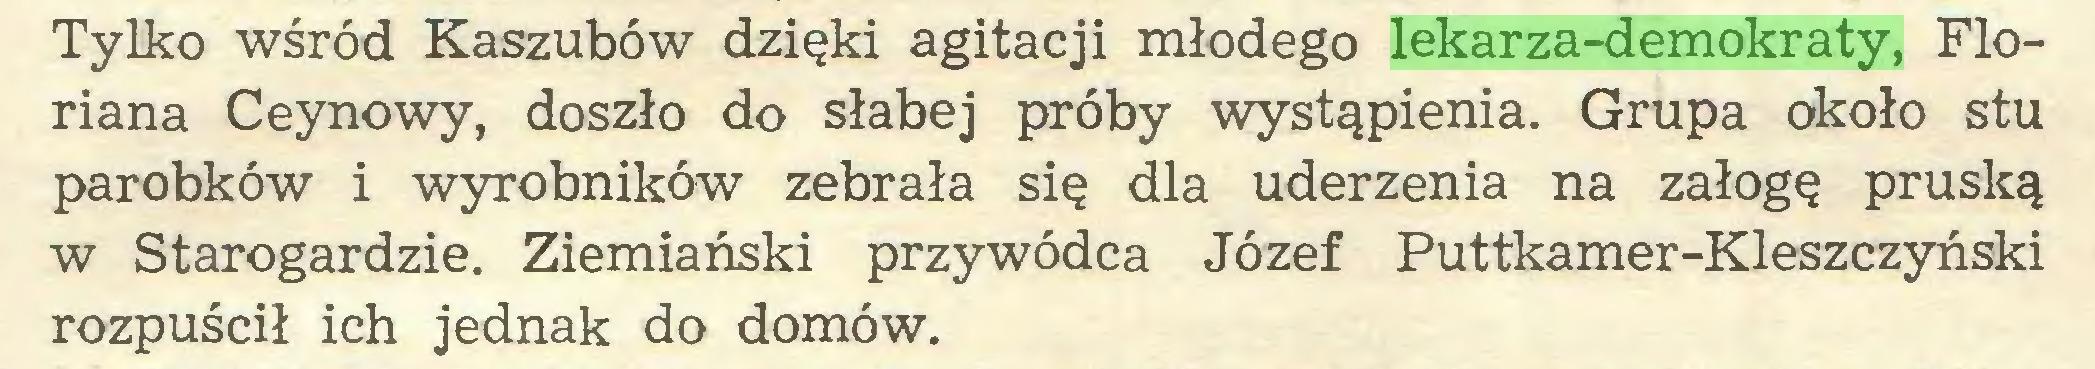 (...) Tylko wśród Kaszubów dzięki agitacji młodego lekarza-demokraty, Floriana Ceynowy, doszło do słabej próby wystąpienia. Grupa około stu parobków i wyrobników zebrała się dla uderzenia na załogę pruską w Starogardzie. Ziemiański przywódca Józef Puttkamer-Kleszczyński rozpuścił ich jednak do domów...